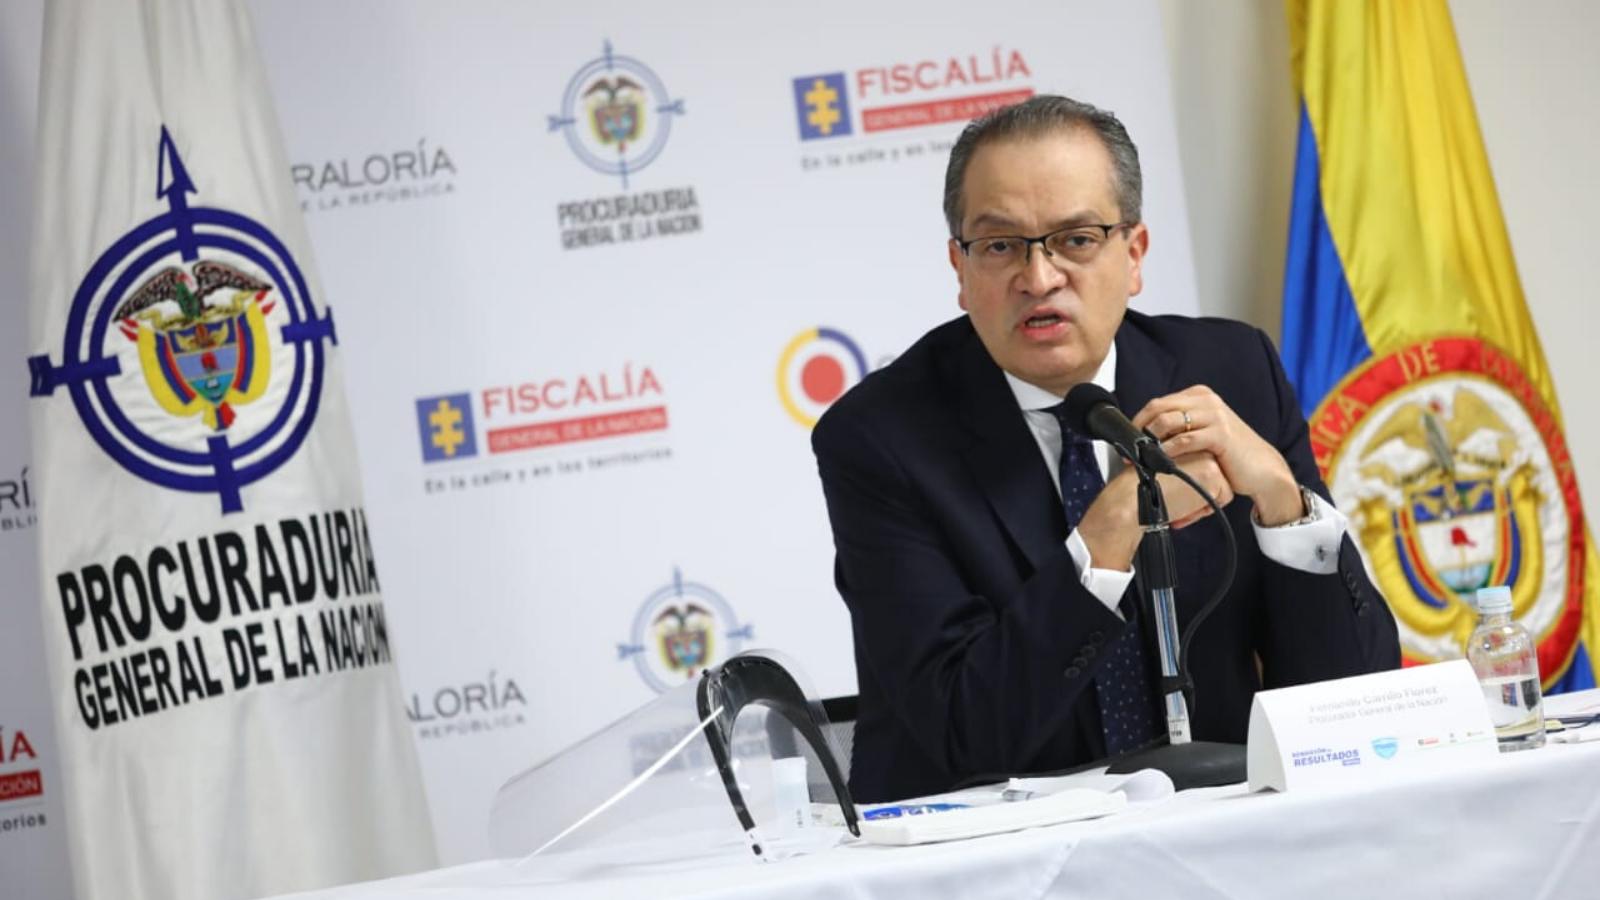 Suspenden a alcalde y a personero de Copacabana por traslado irregular de migrantes